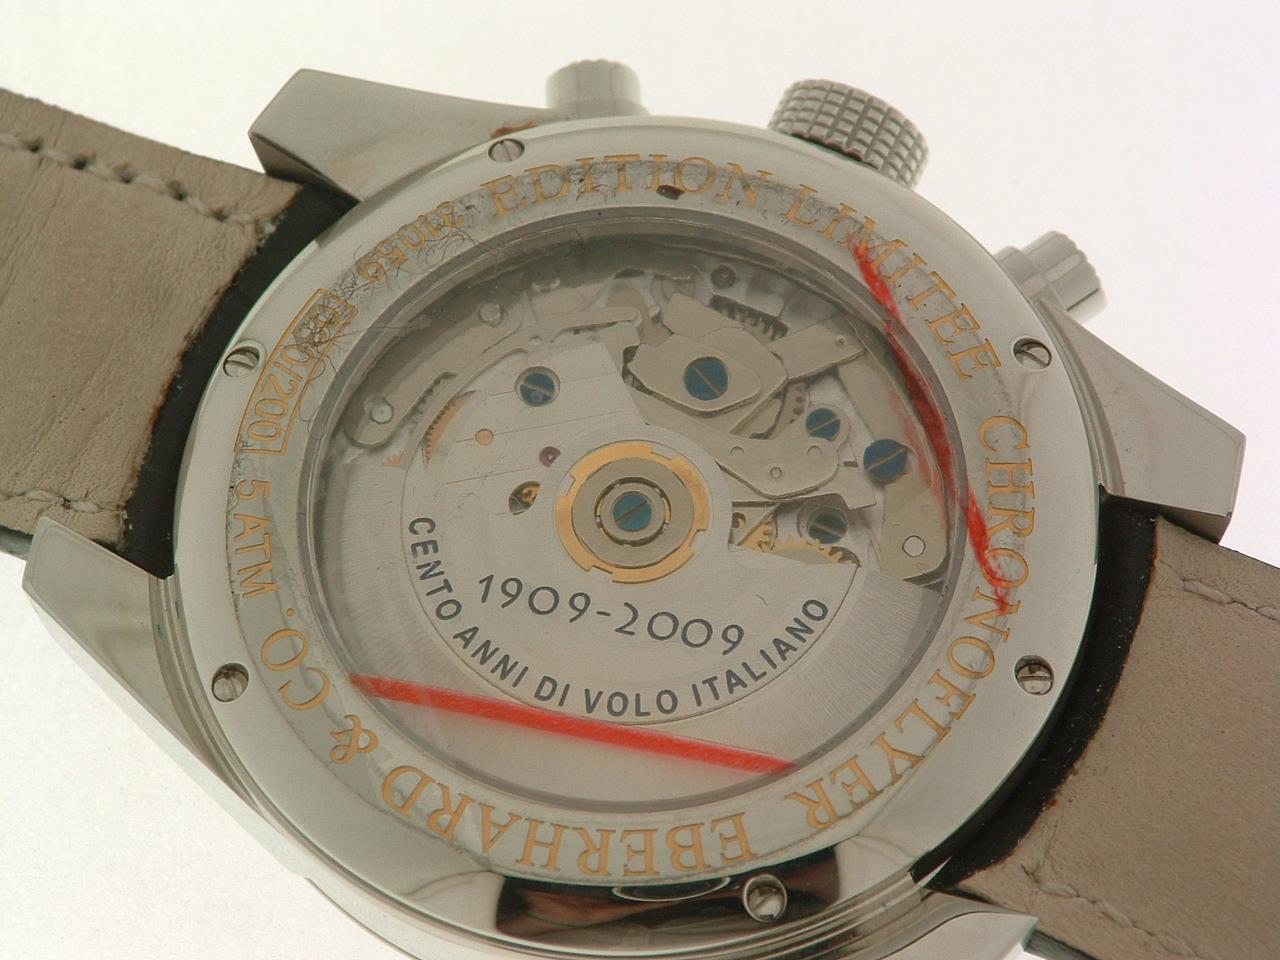 Lot 21 - EBERHARD. Orologio da uomo in acciaio, modello Chronoflyer. Quadrante bianco. Esemplare 030/200. Con